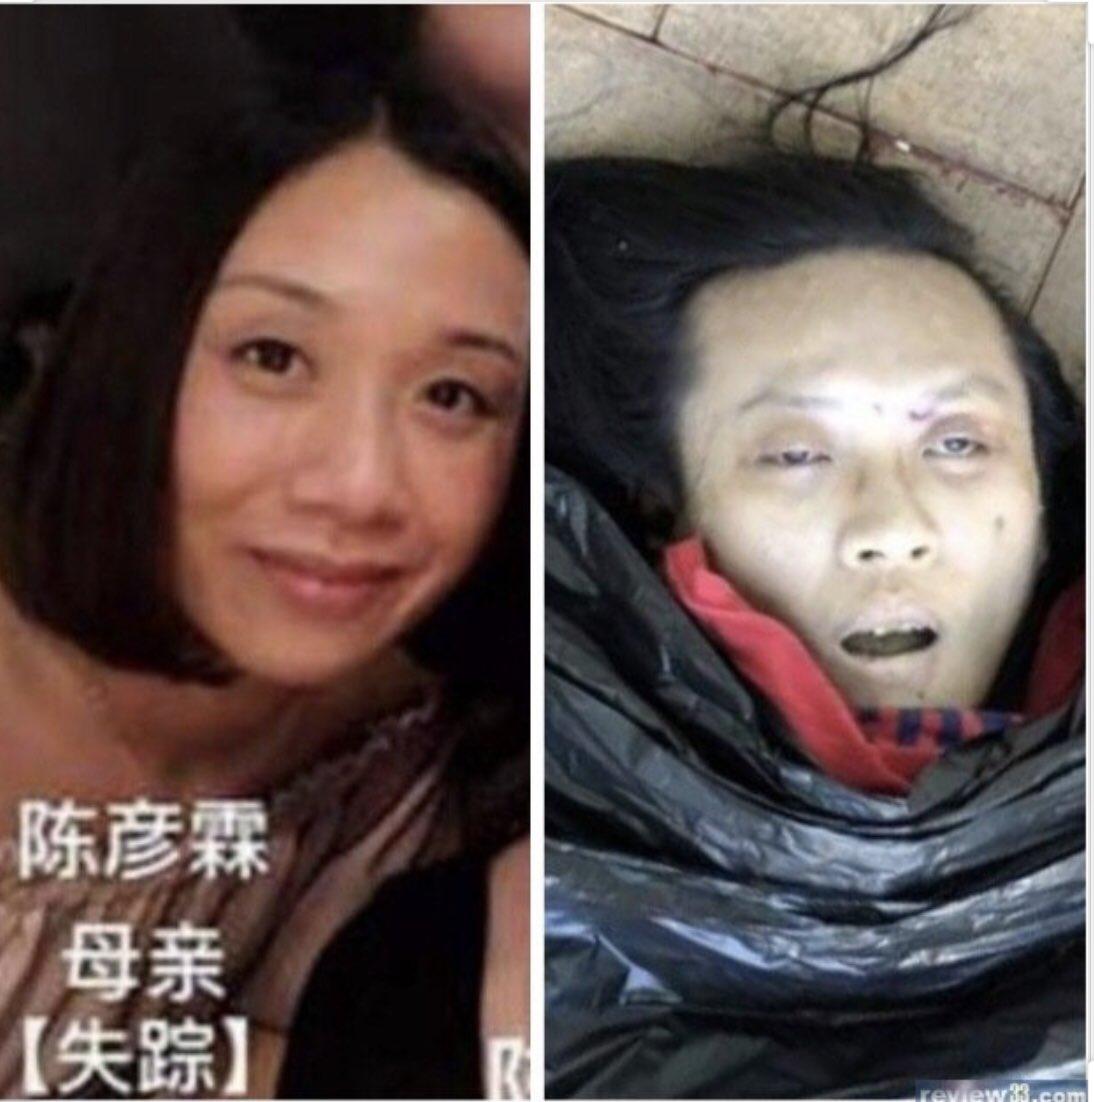 Chan Yin Lam